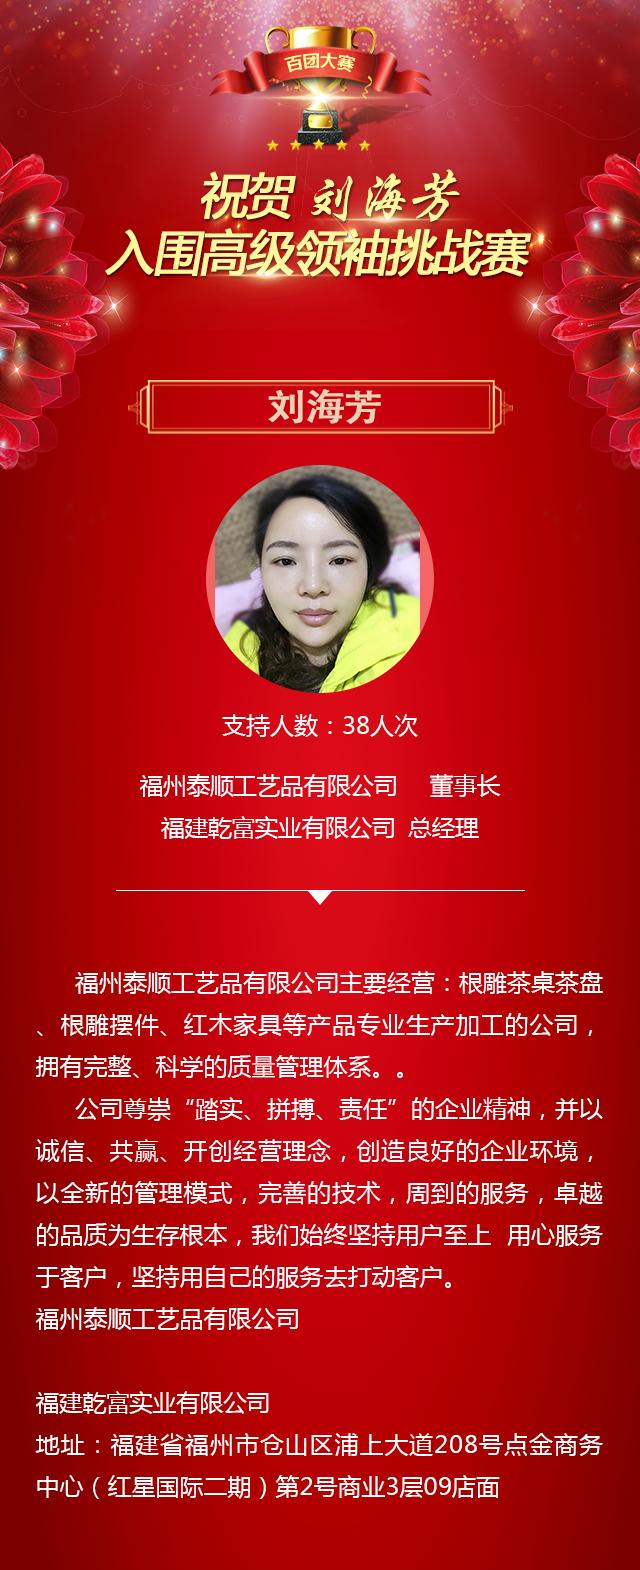 热烈祝贺刘海芳董事长正式入围福州市竞博联盟伙伴行业协会副会长.png